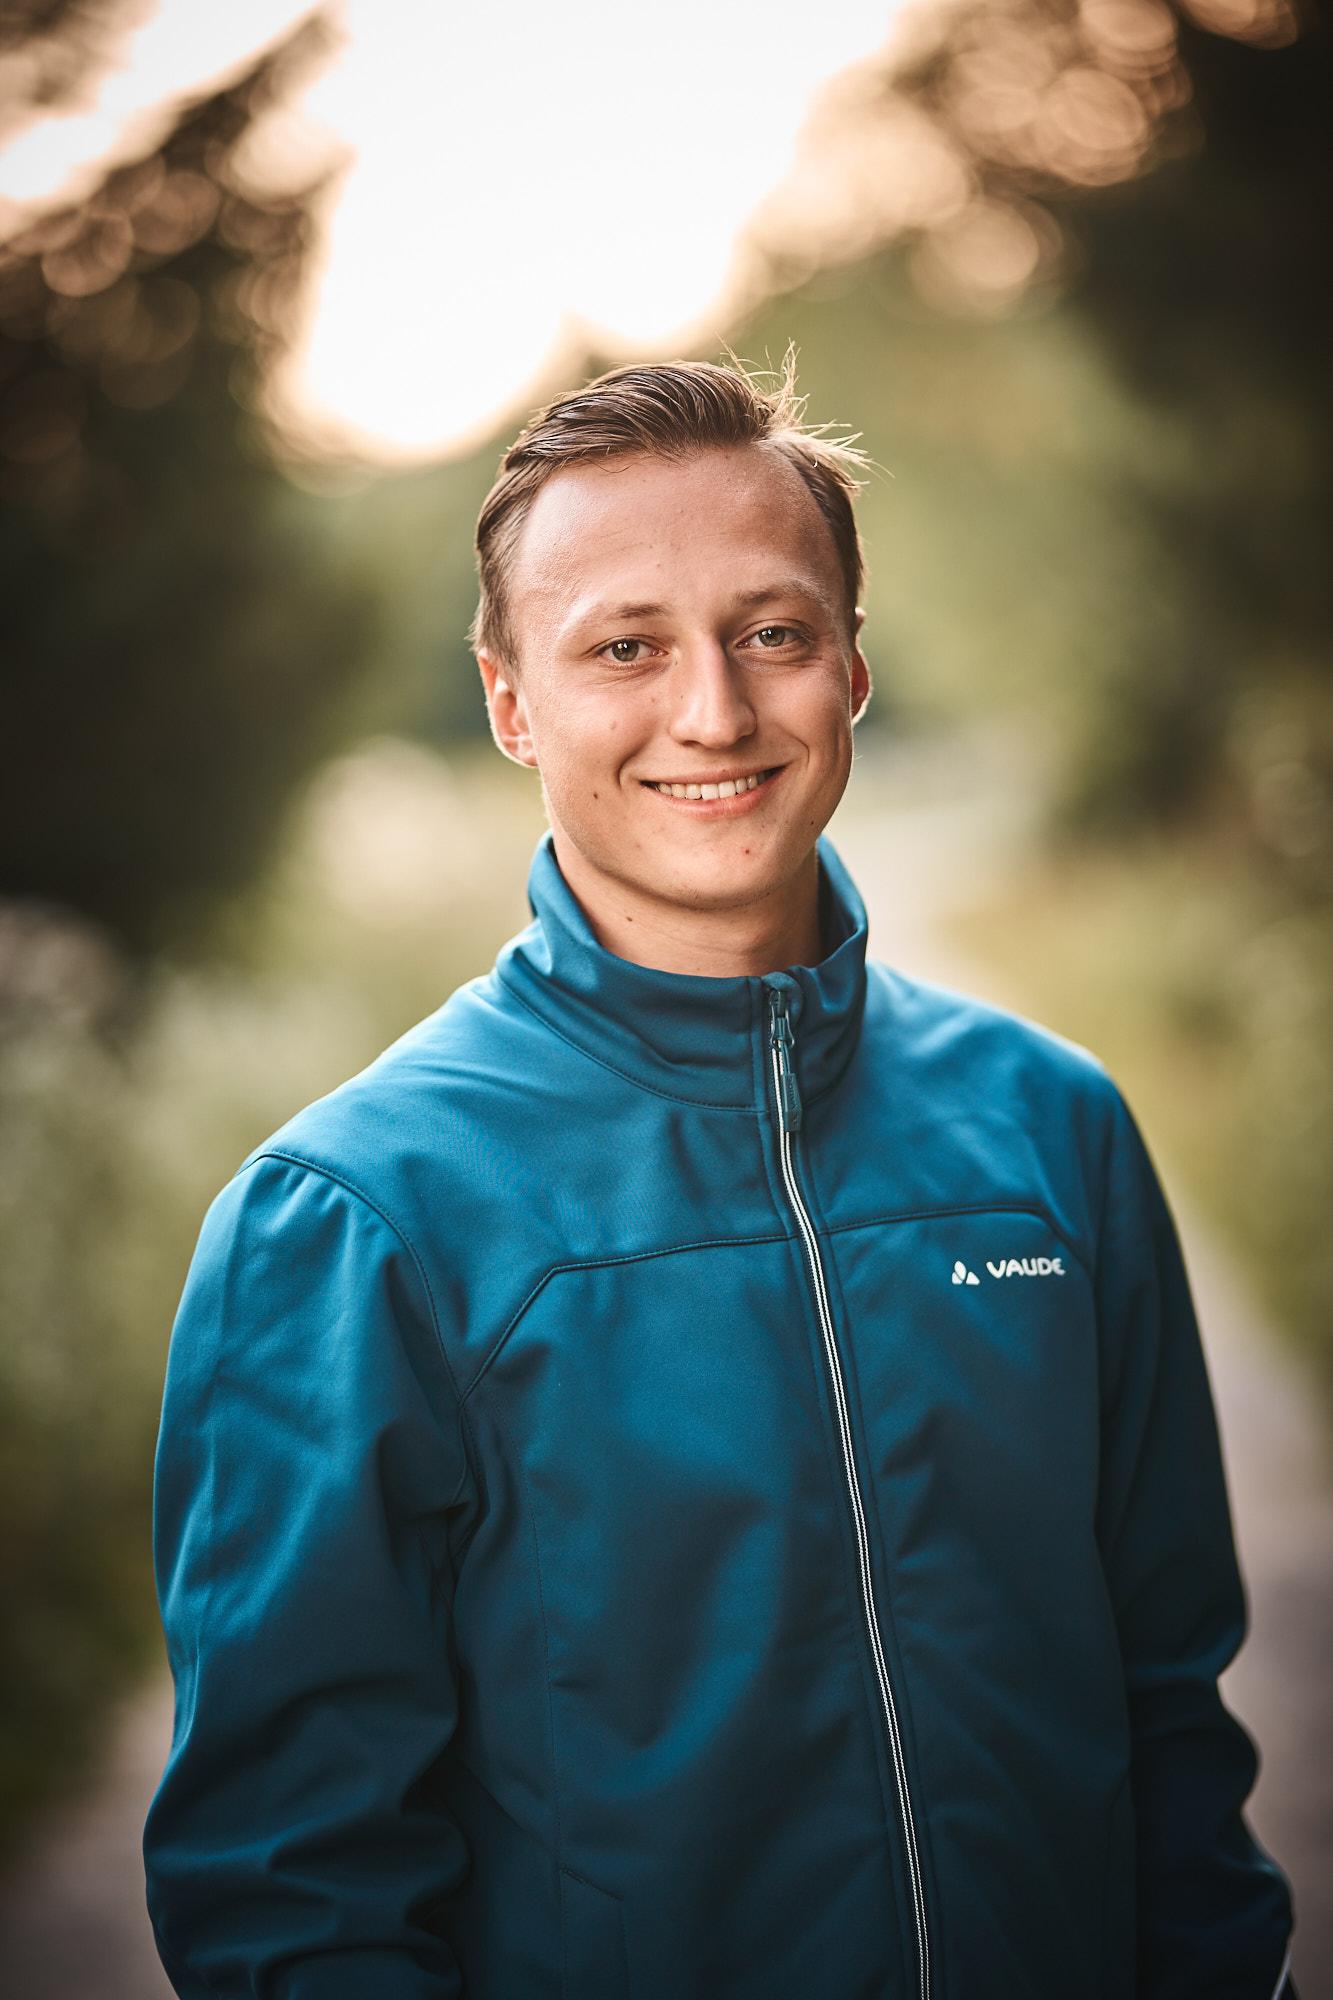 Matteo Haas